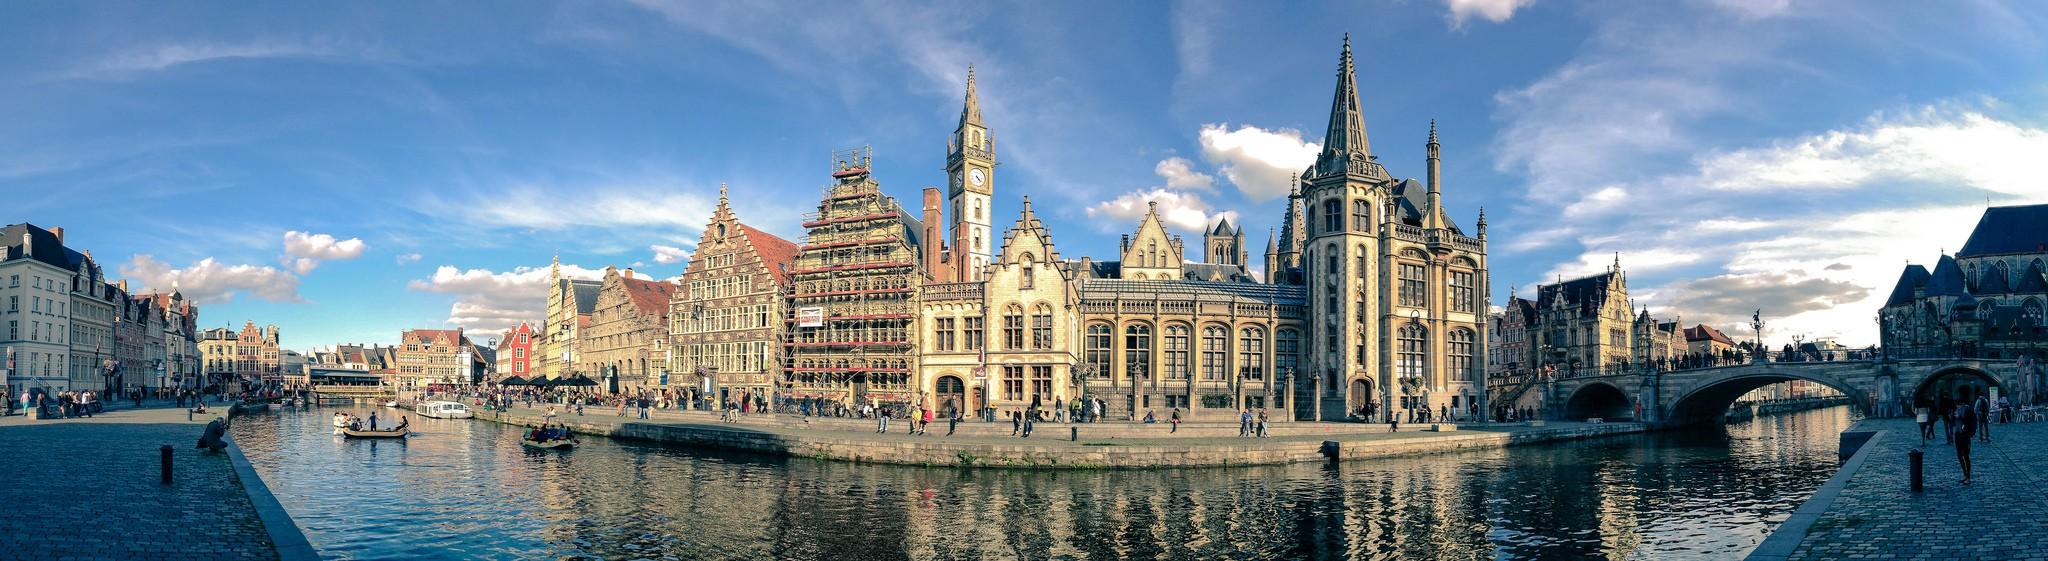 Ghent | © Mislav Marohnic/Flickr